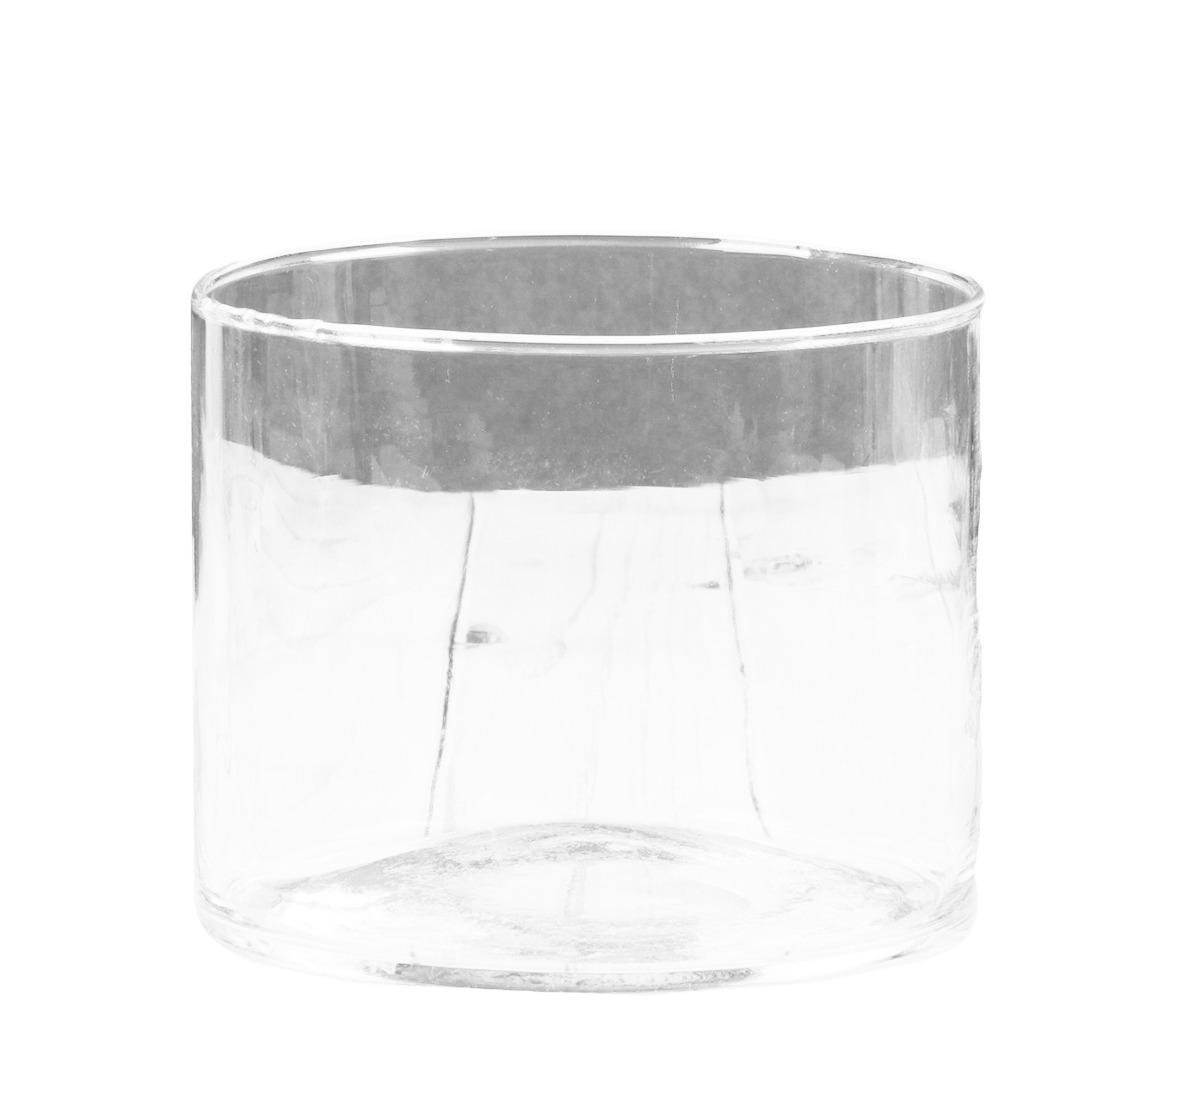 Ваза Evis Иберетта-5, 159567, 10 х 12 см